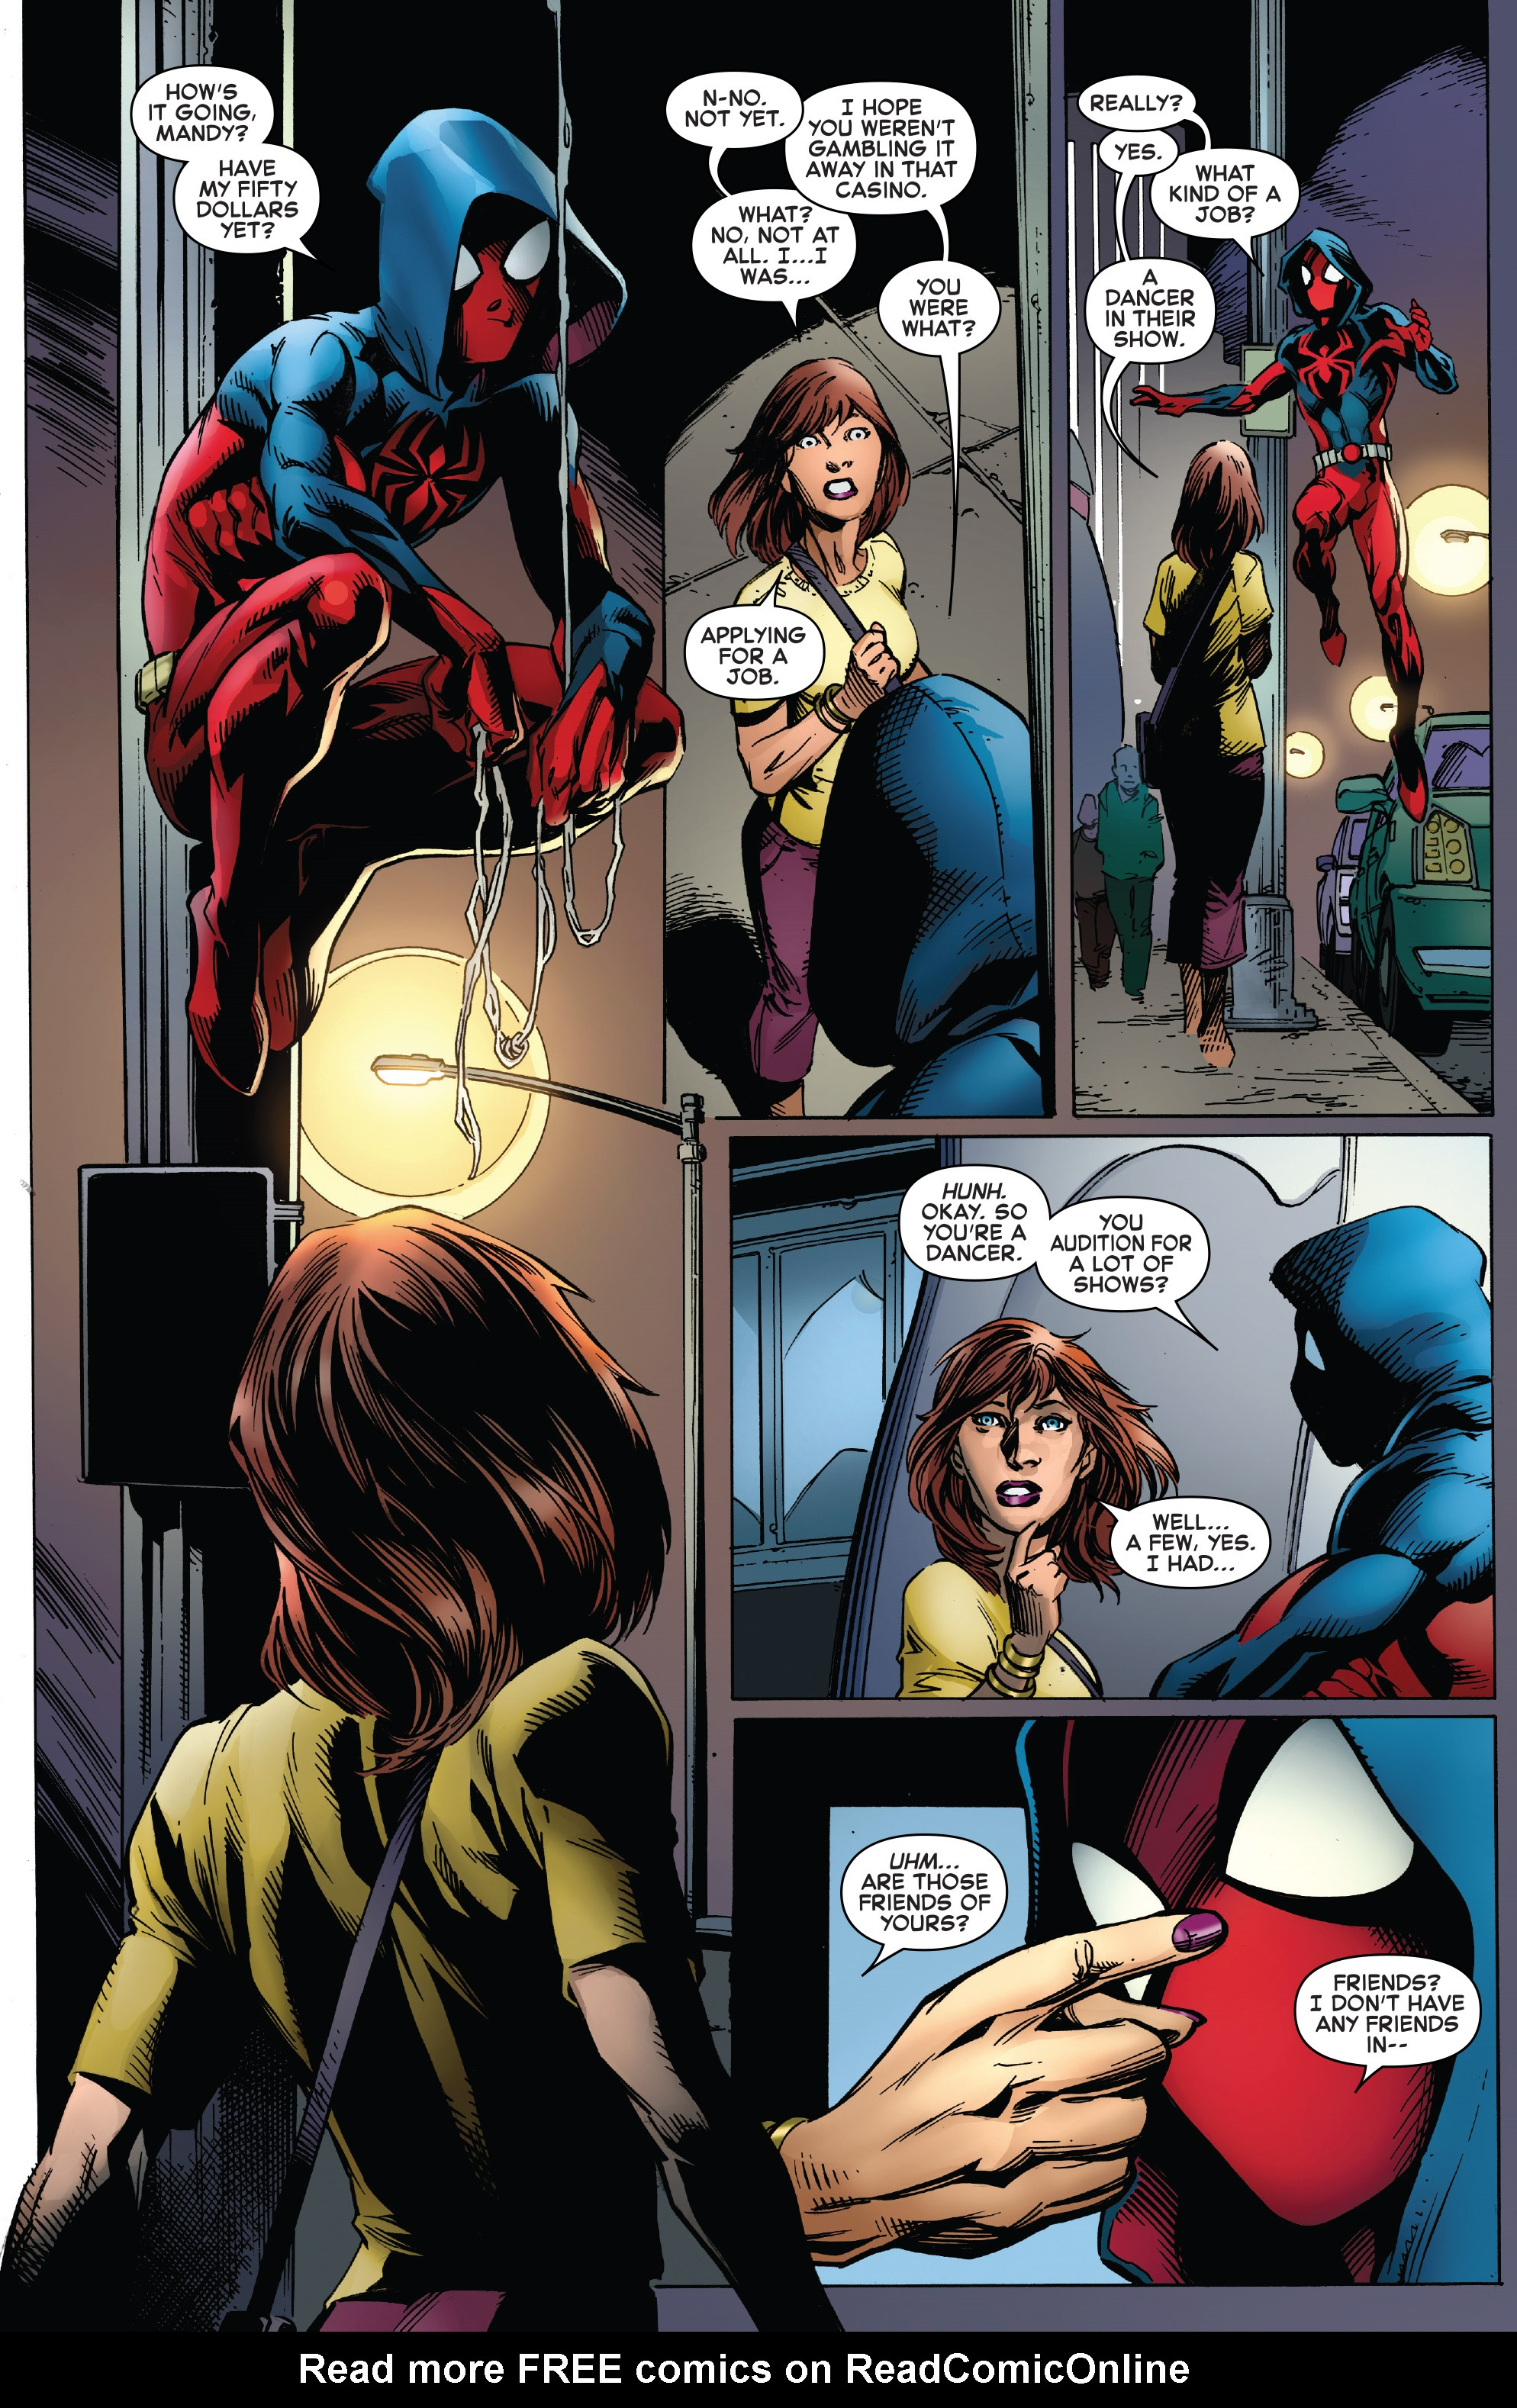 Read online Ben Reilly: Scarlet Spider comic -  Issue #3 - 11